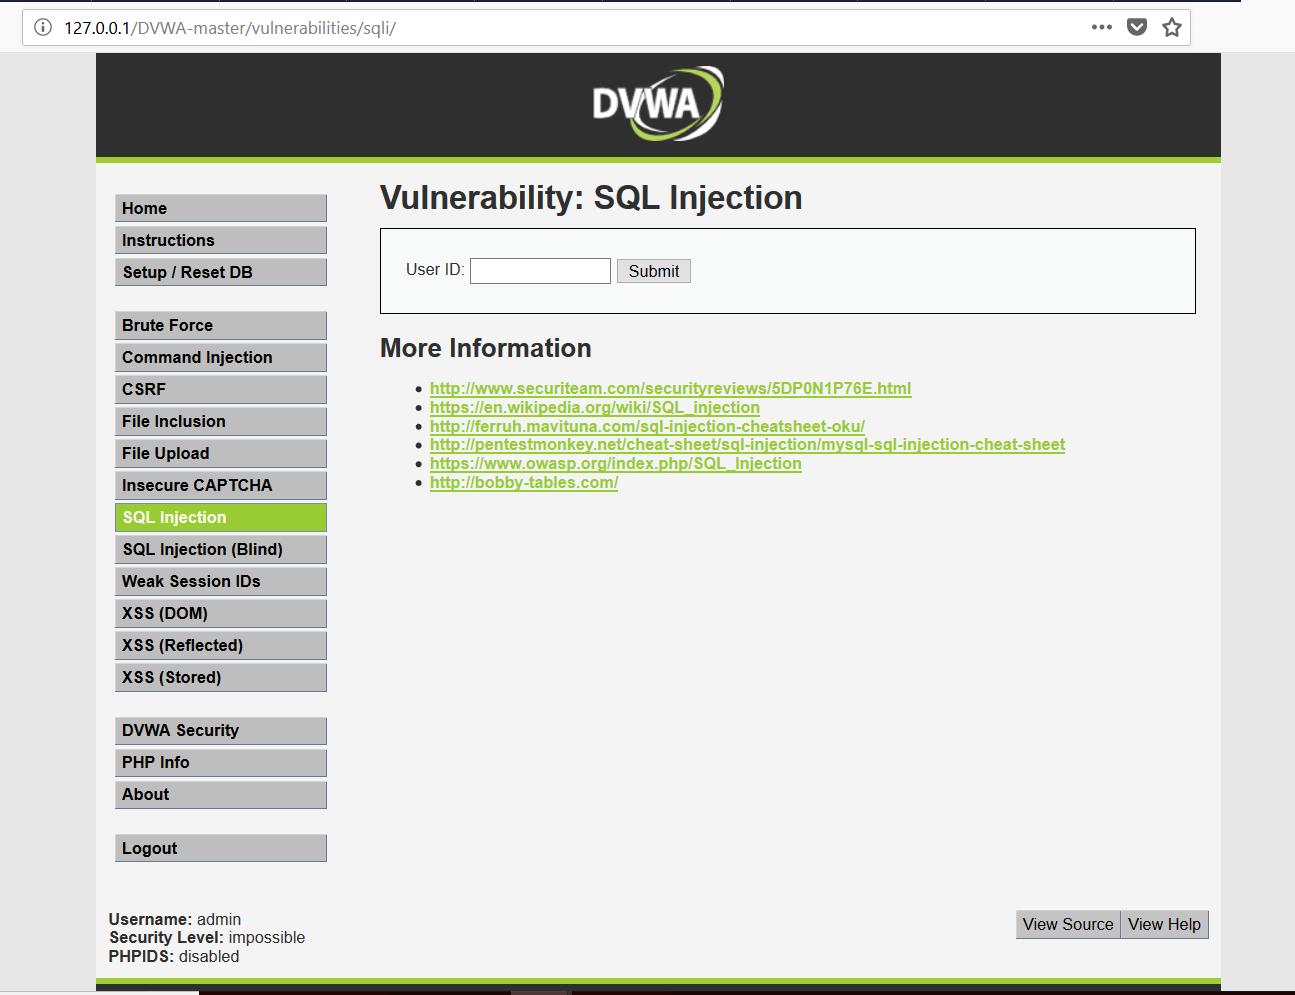 installer DVWA